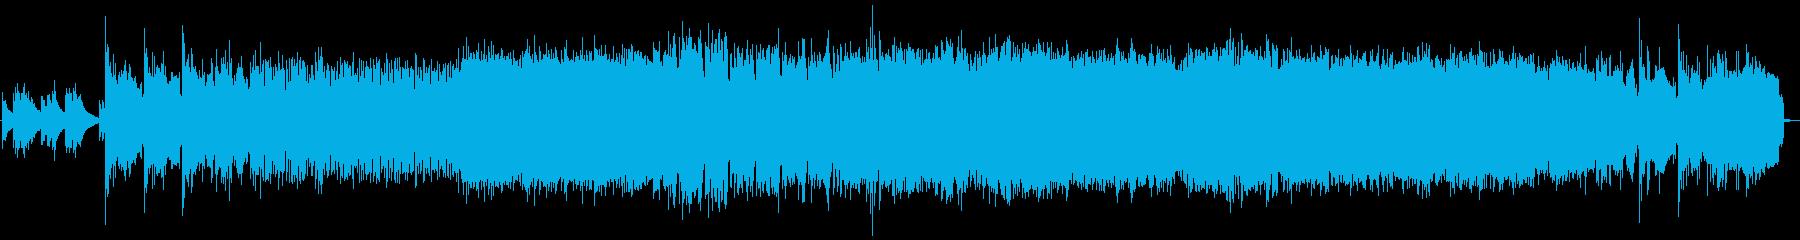 エキサイティングなメタルチューンの再生済みの波形